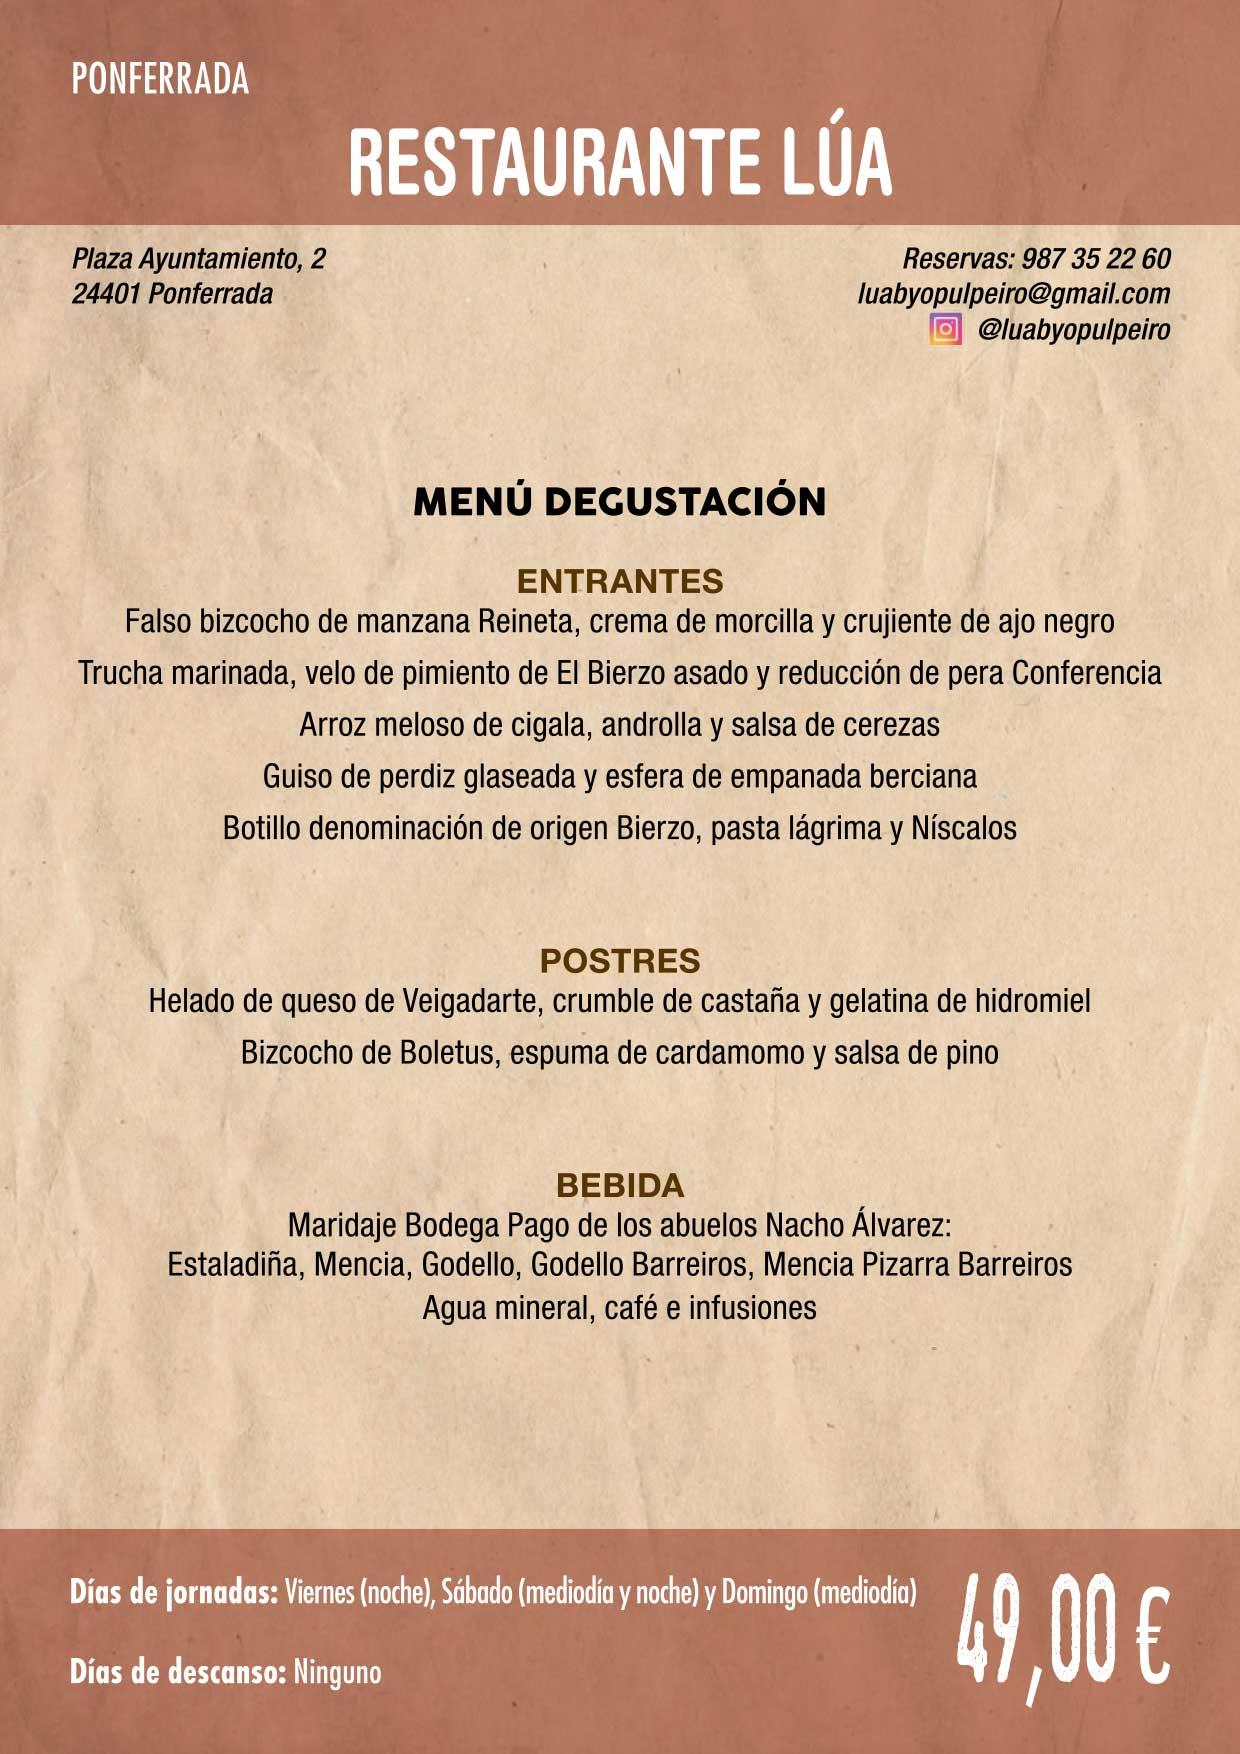 XXXVI Jornadas Gastronómicas De El Bierzo 2020. Consulta los restaurantes y menús 24